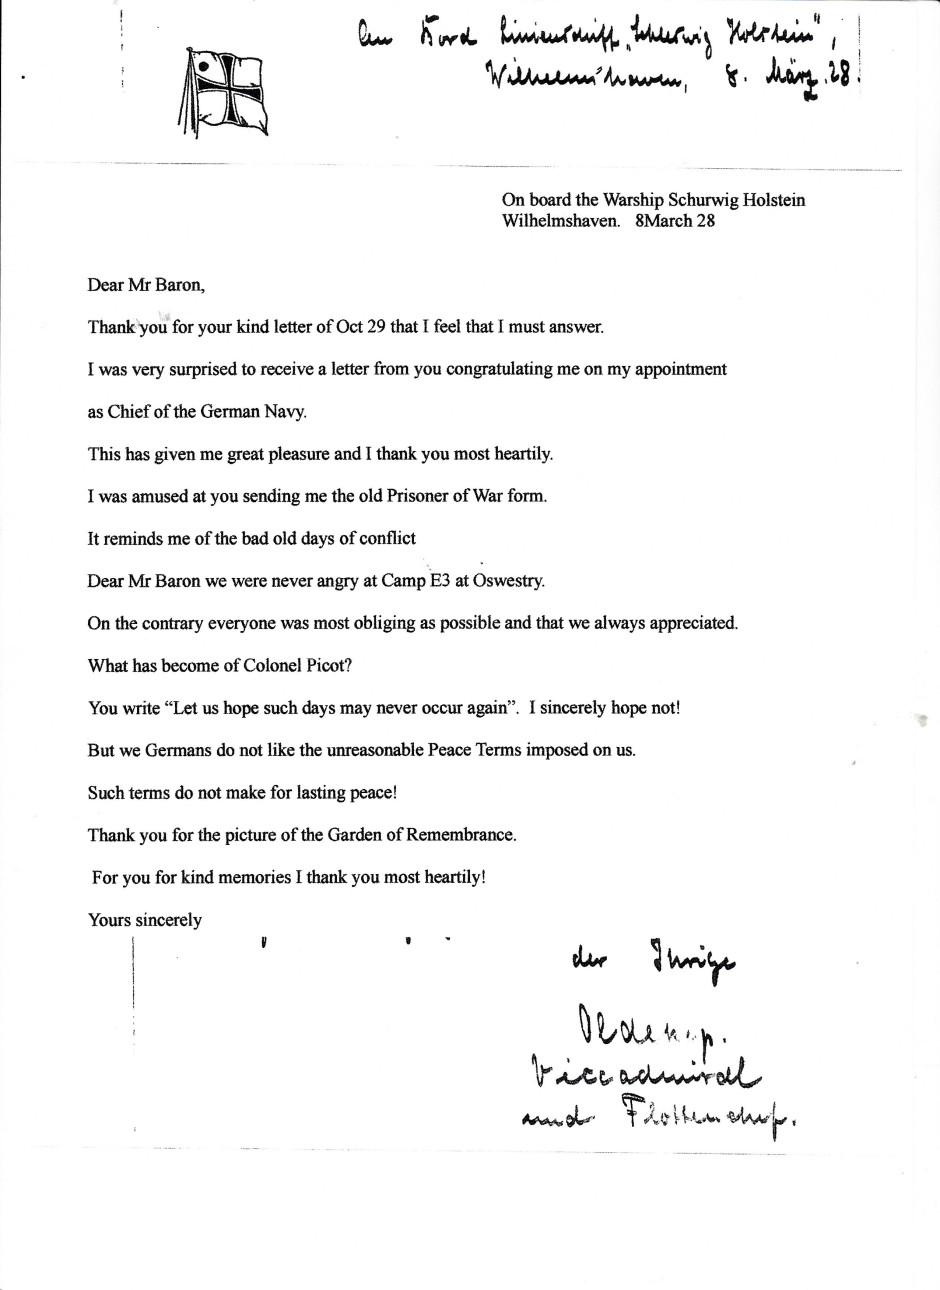 OSW-Henlle-Reuter - Letter